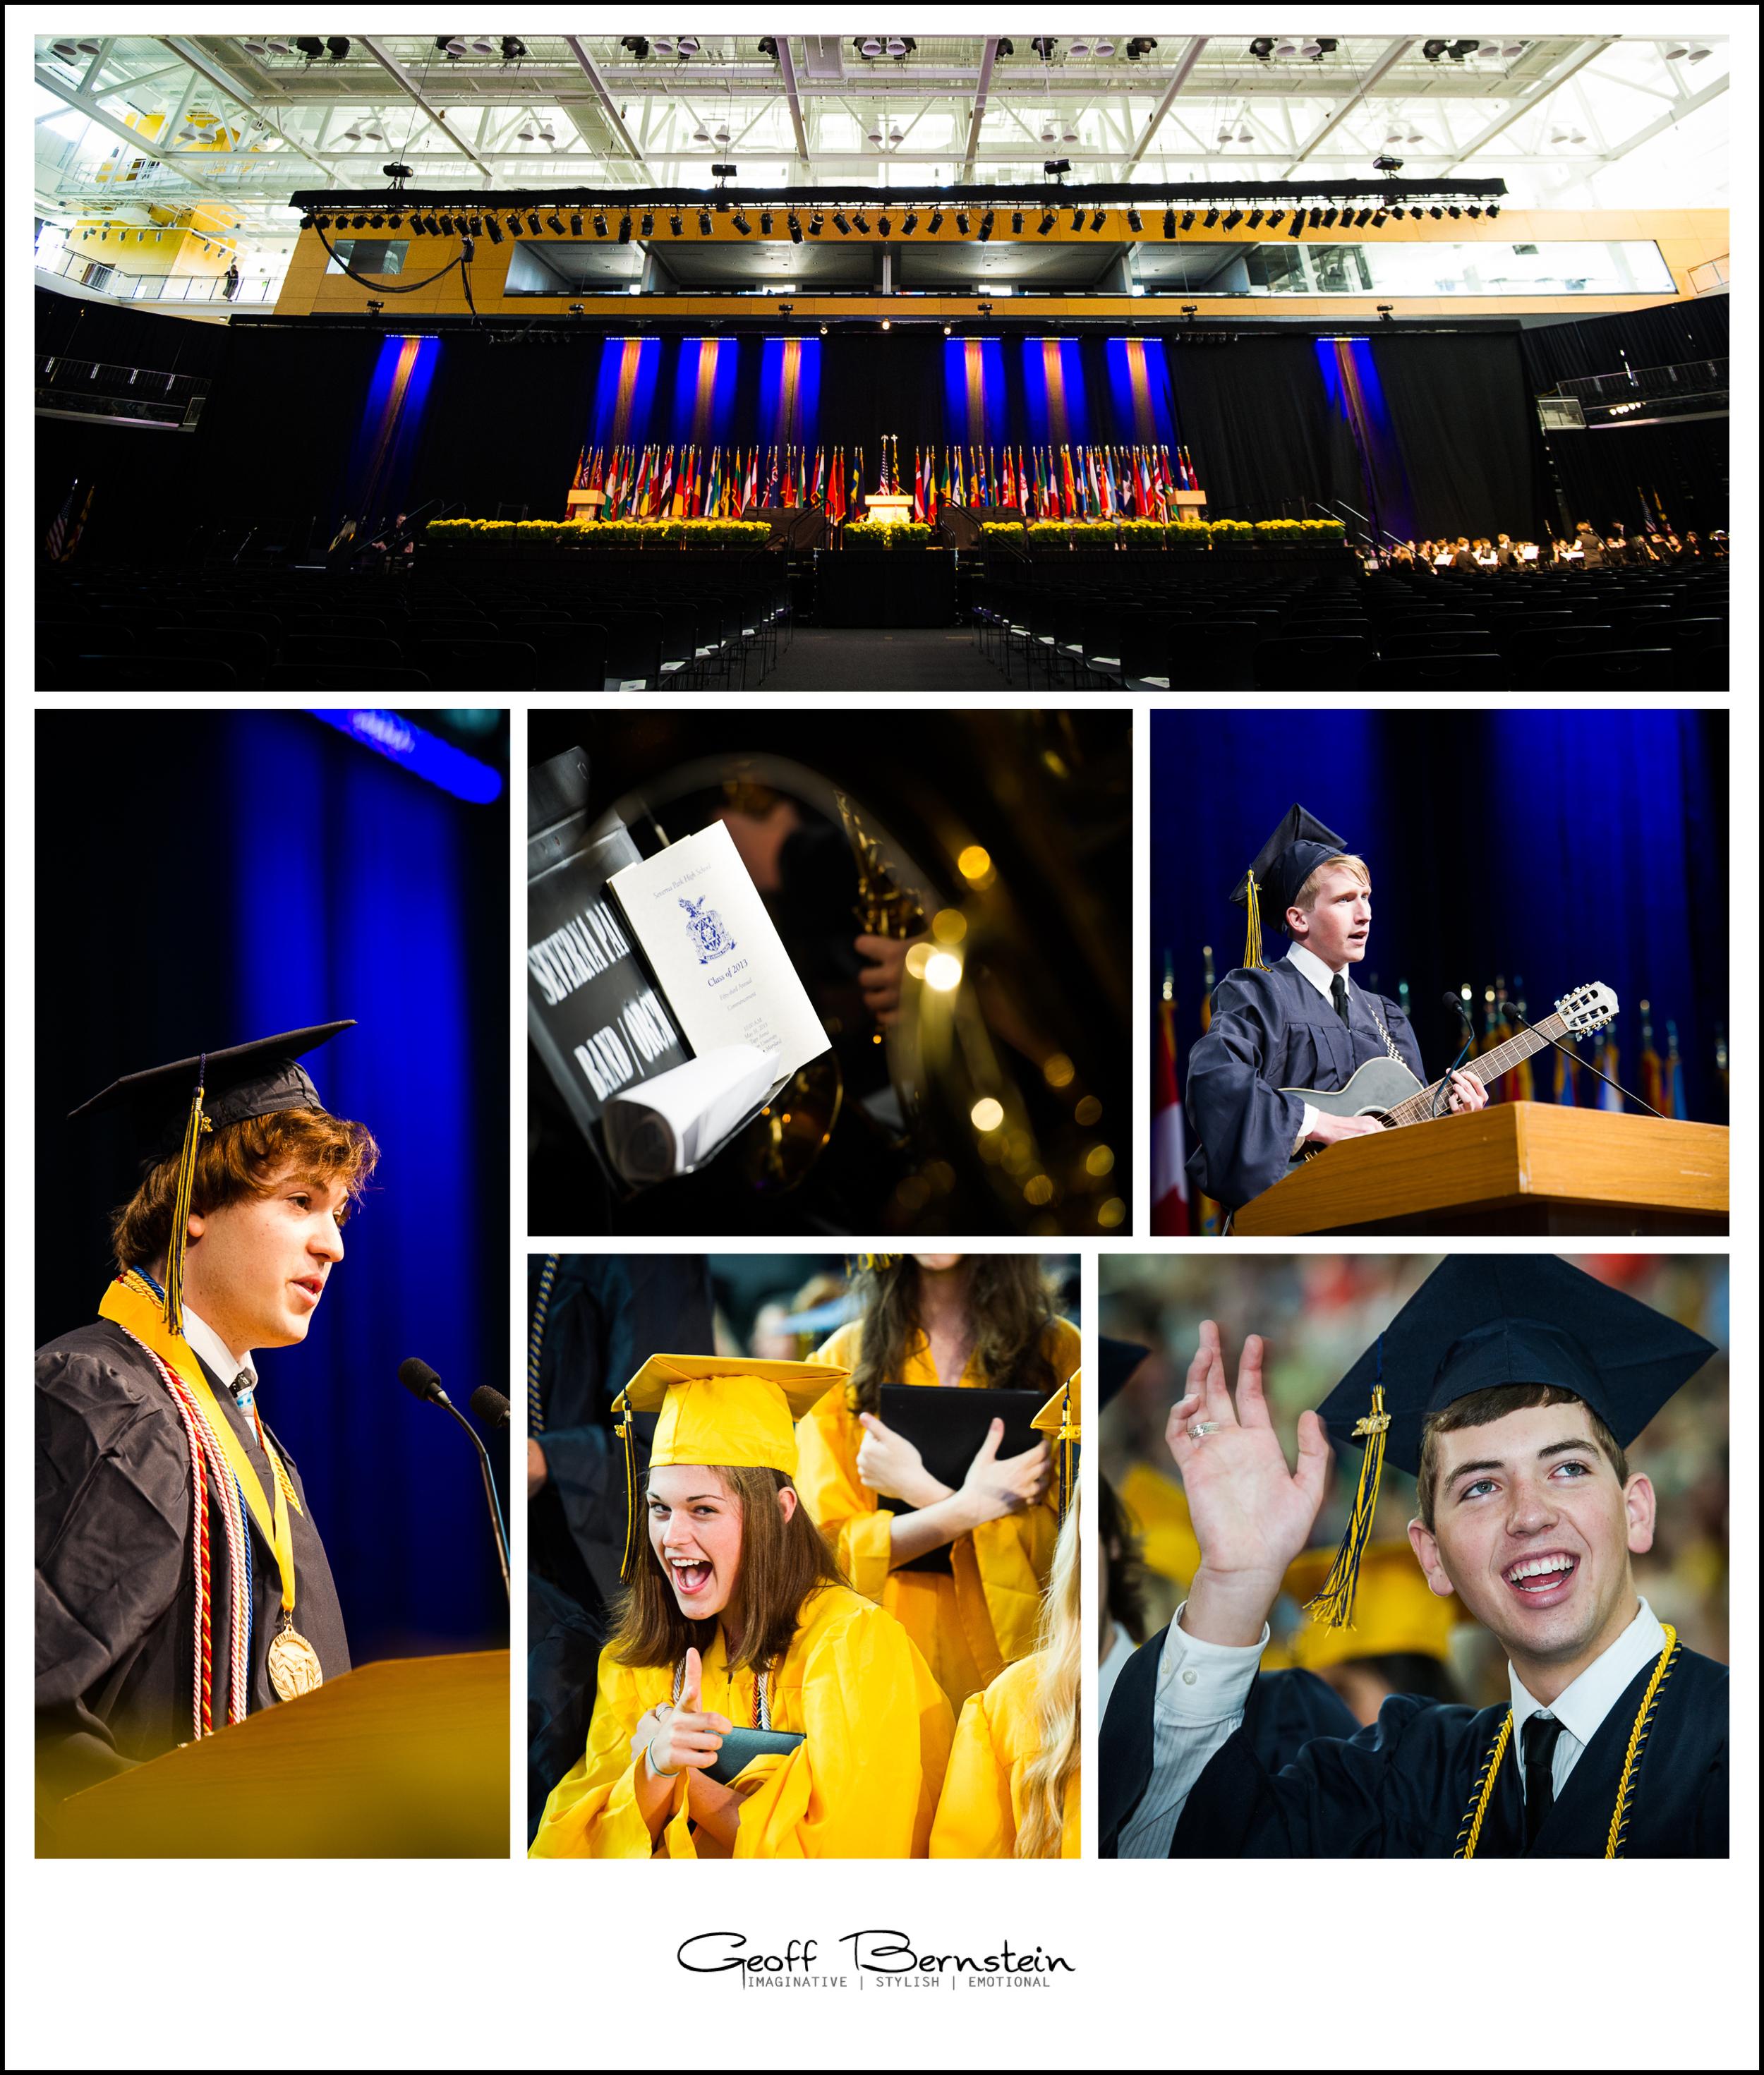 Severna Park High School Graduation 2013